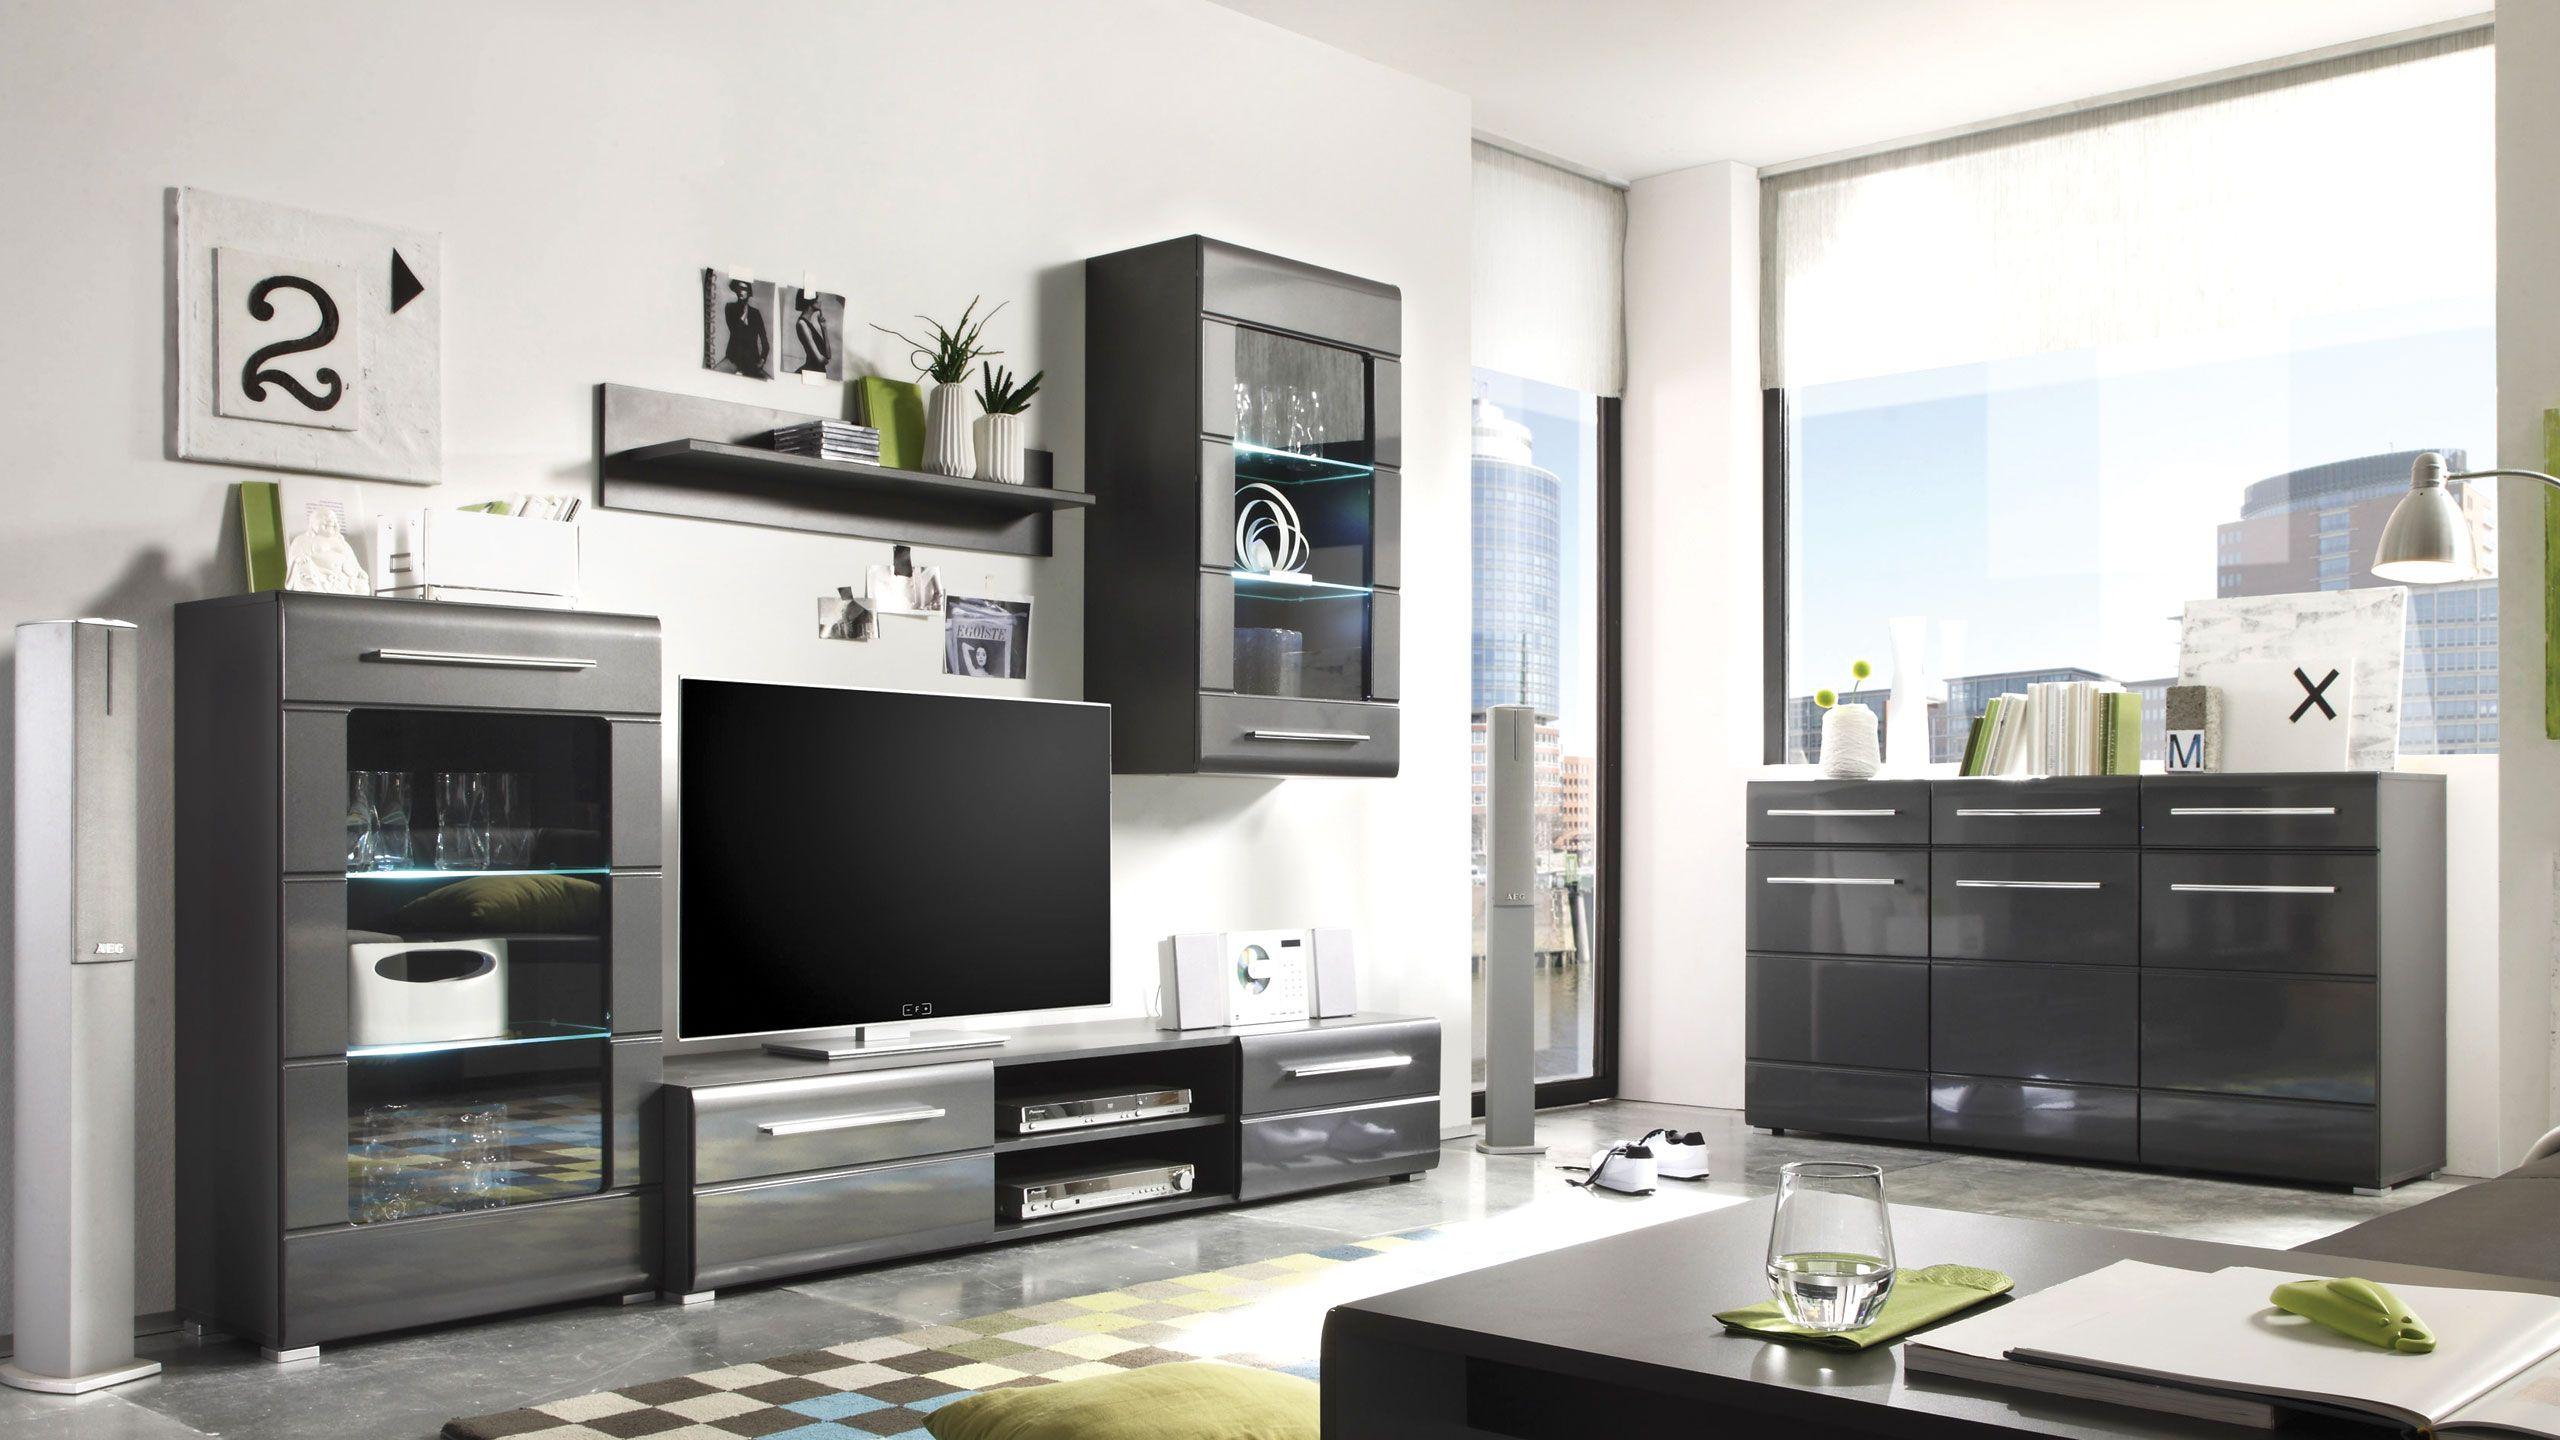 Full Size of Ikea Wohnzimmerschrank Wohnwand Grau 94 Hochglanz Küche Kosten Miniküche Kaufen Sofa Mit Schlaffunktion Betten 160x200 Modulküche Bei Wohnzimmer Ikea Wohnzimmerschrank